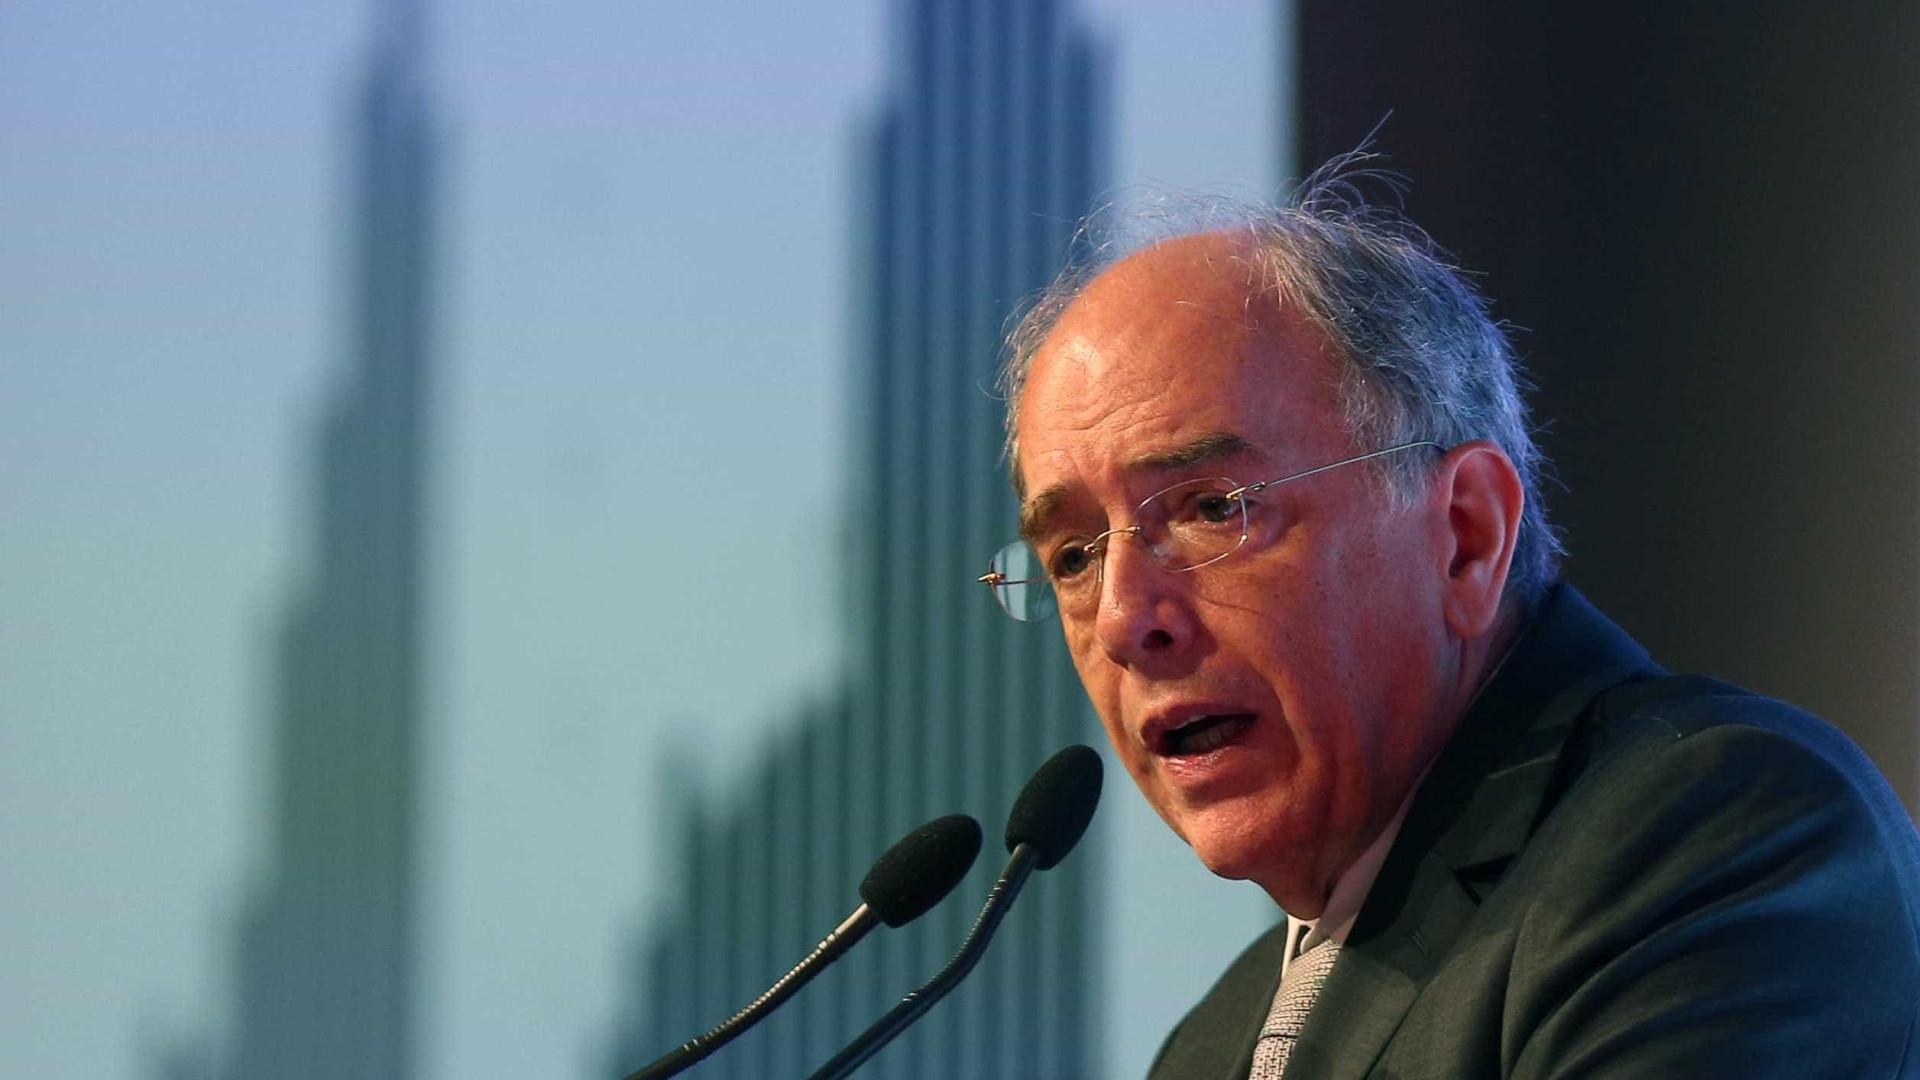 Resposta para preço caro da gasolina não está na Petrobras, diz Parente